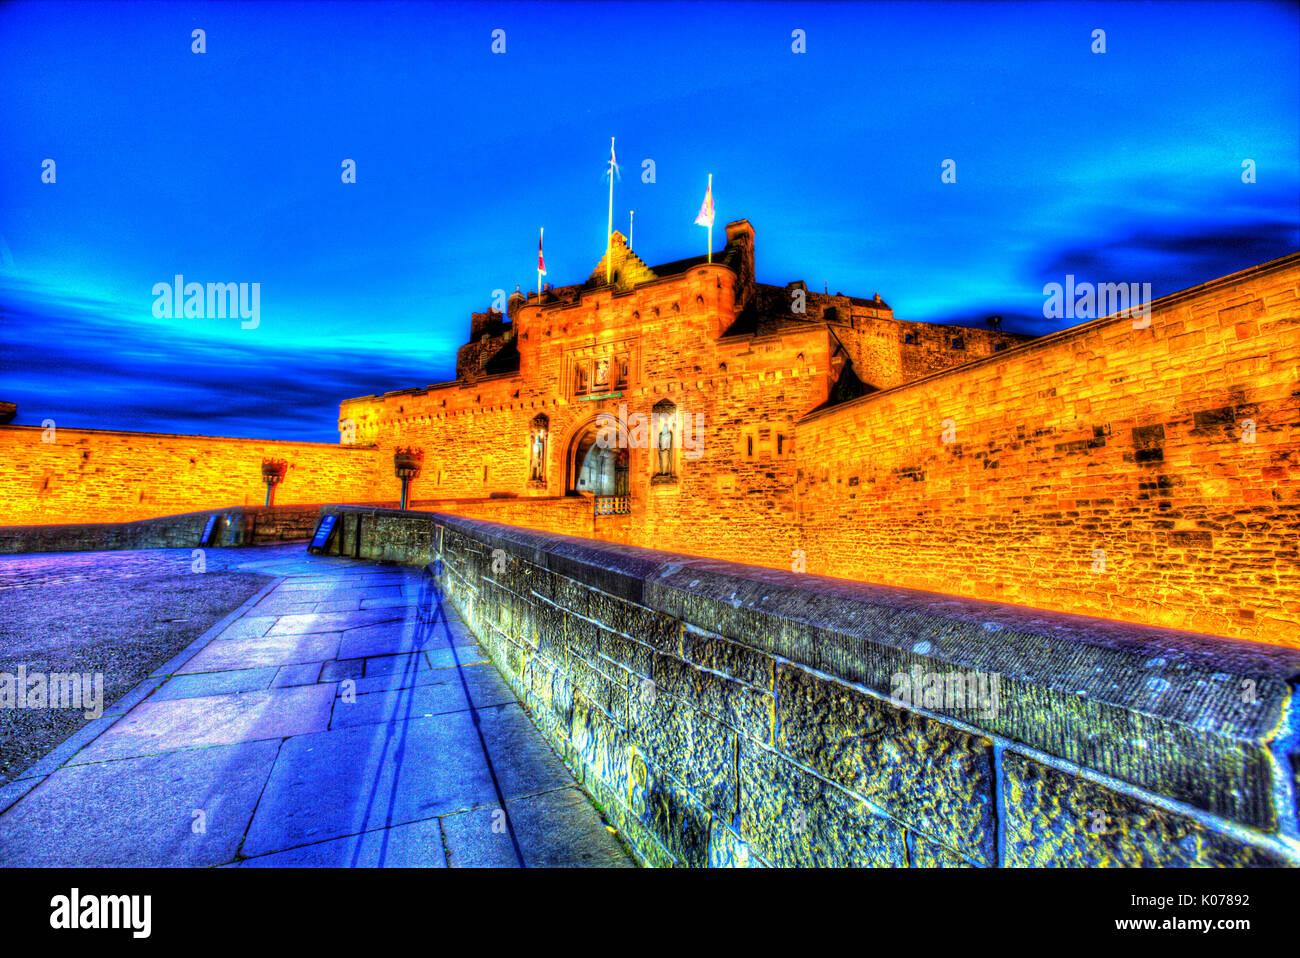 Città di Edimburgo in Scozia. pittoresca vista notturna di l'ingresso principale e la spianata del castello di Edimburgo. Immagini Stock